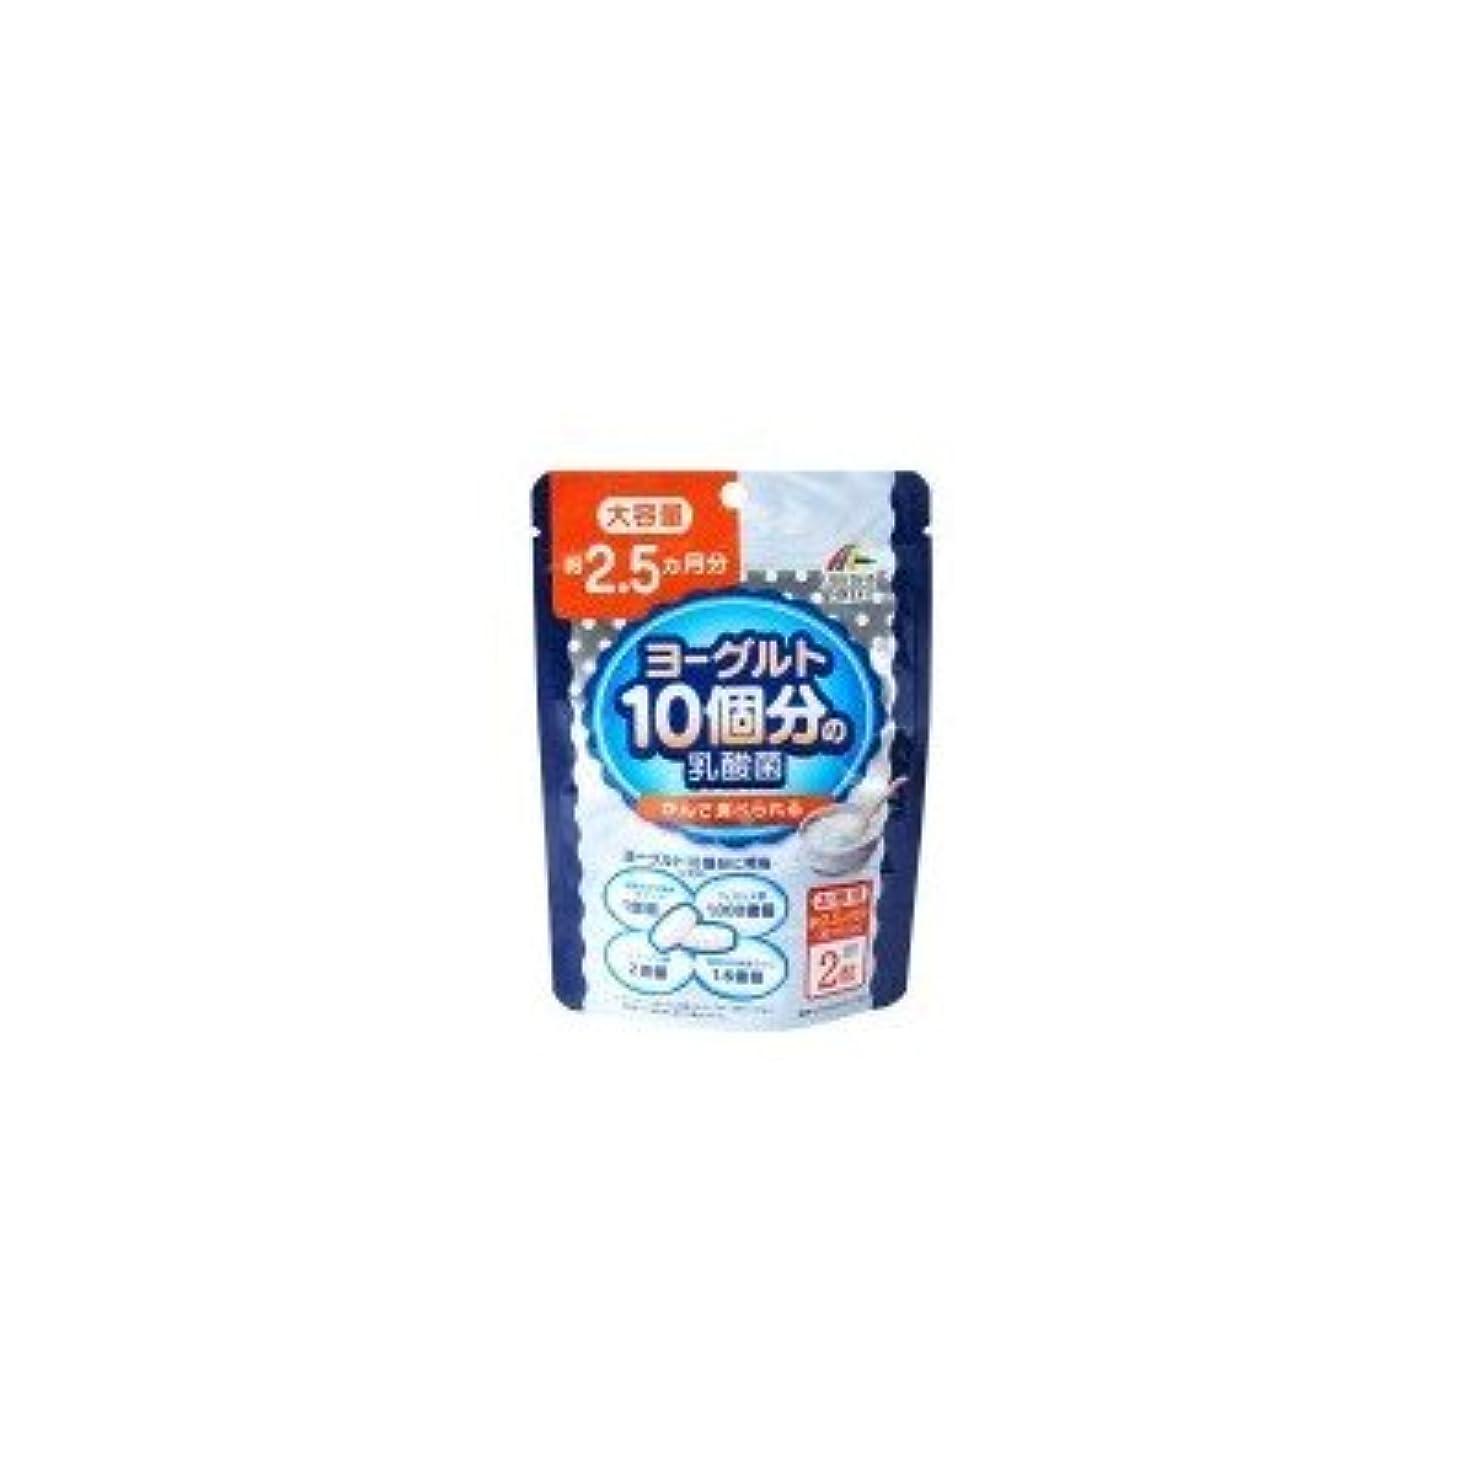 主人キリマンジャロダーリンヨーグルト10個分の乳酸菌 大容量 30.8g(200mg×154粒)